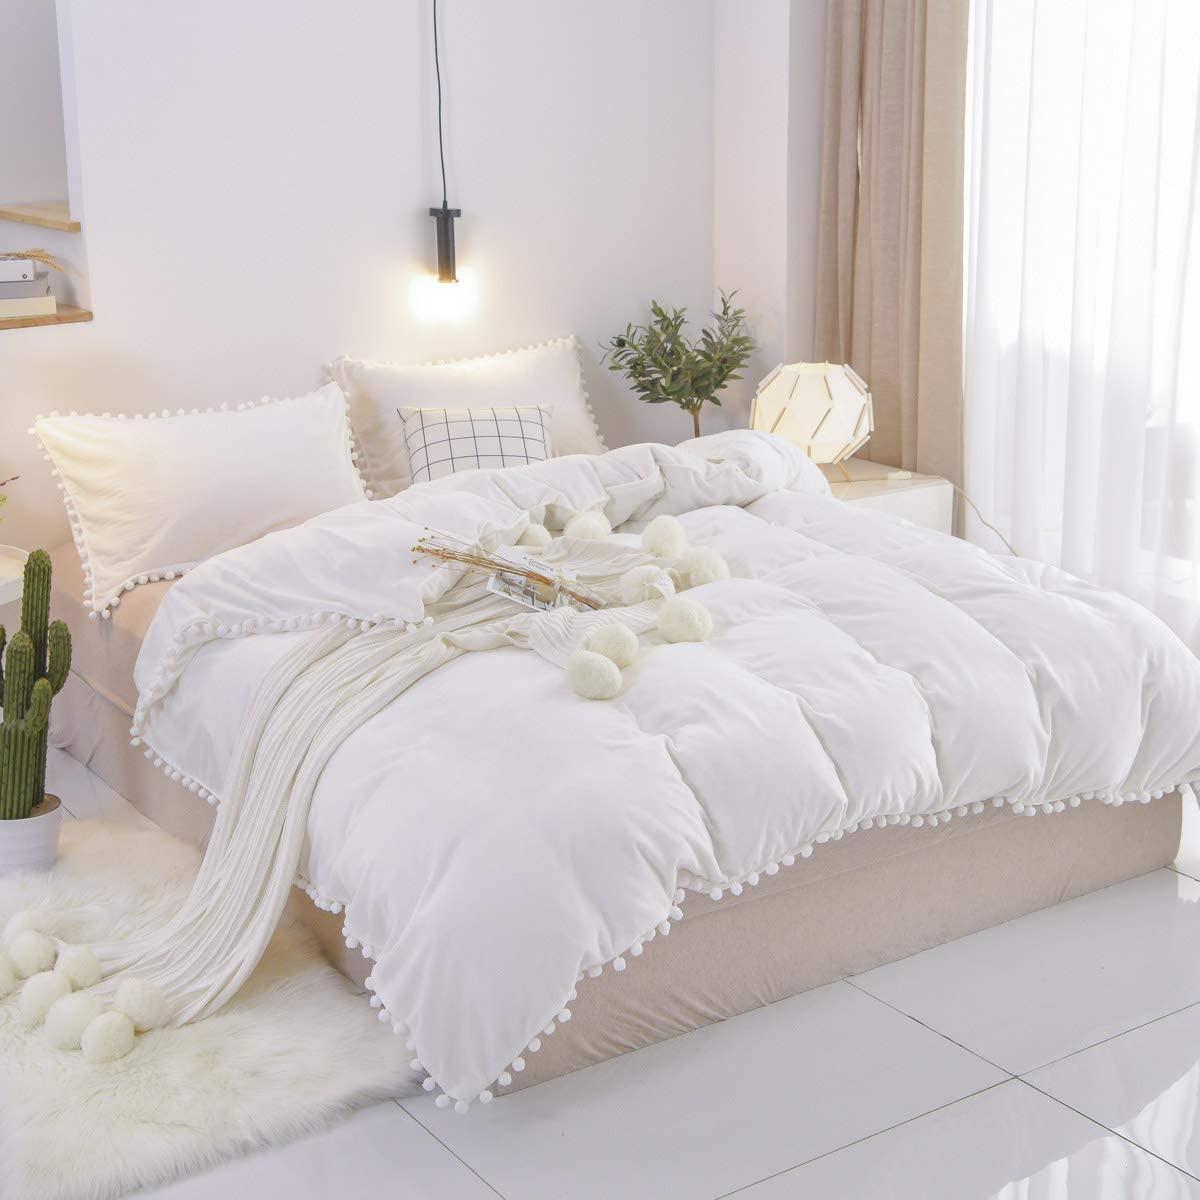 Brandream Velvet Duvet Cover King 3 Pcs Bohemian Style Modern Bedding White Pom Pom Bedding Flannel Pom-Fringe with Zipper Ties for Winter